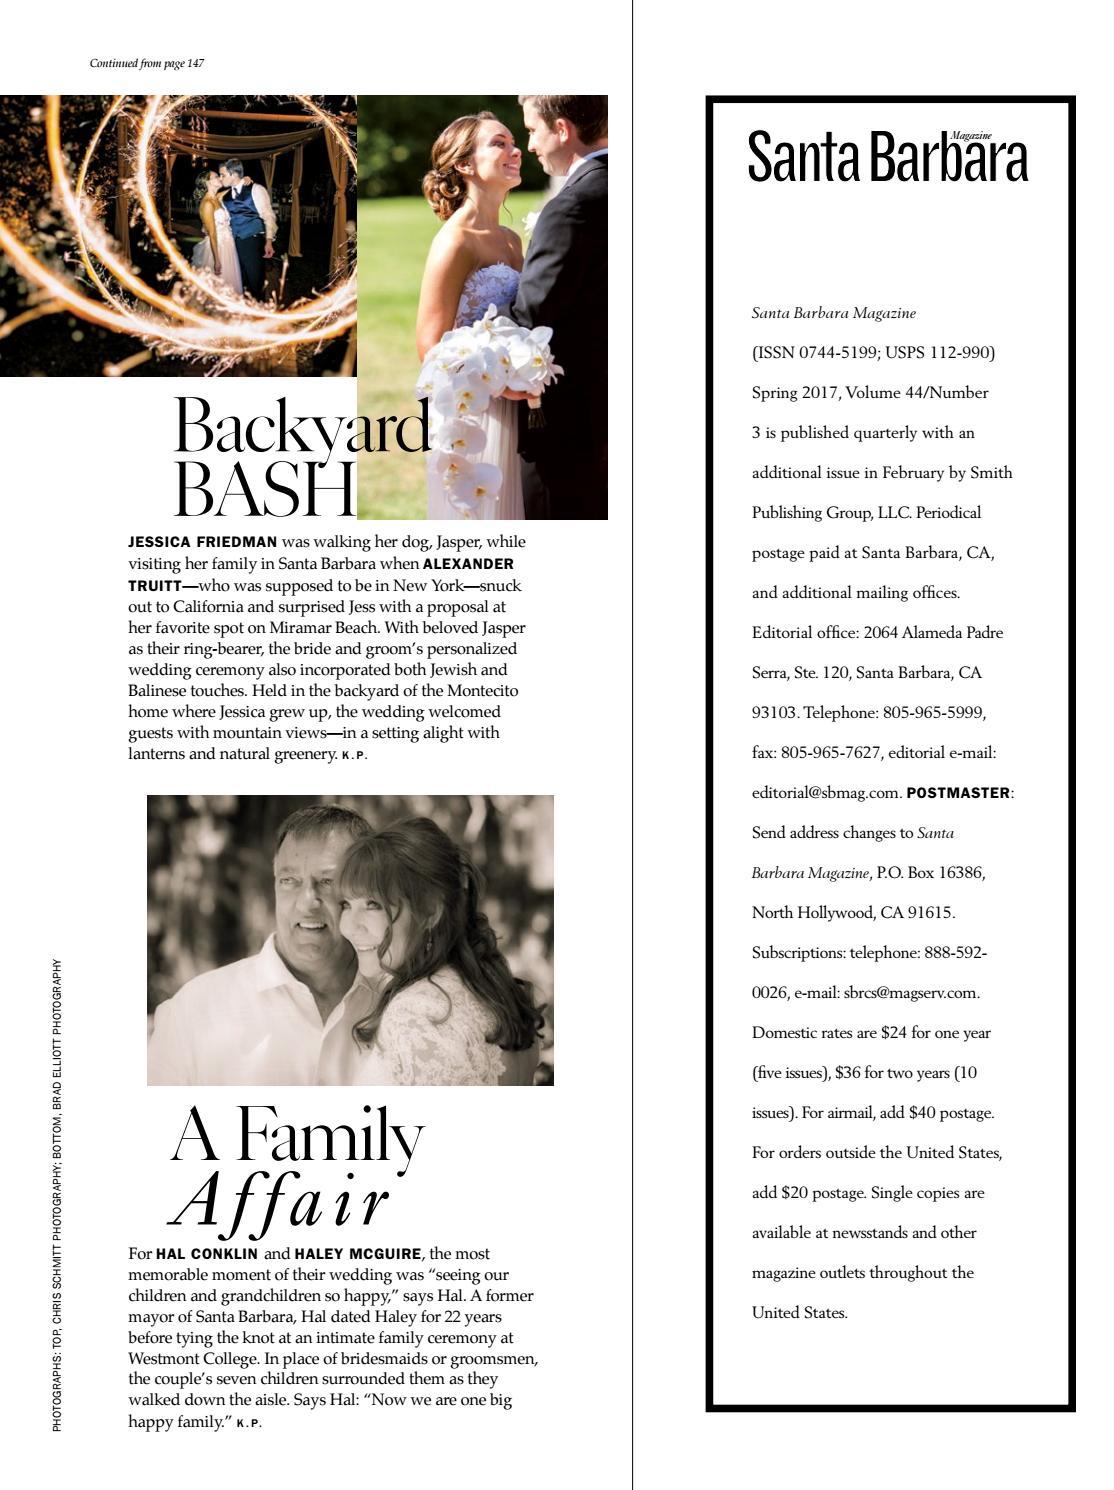 Santa Barbara Family & Life Magazine March 2017 by Santa